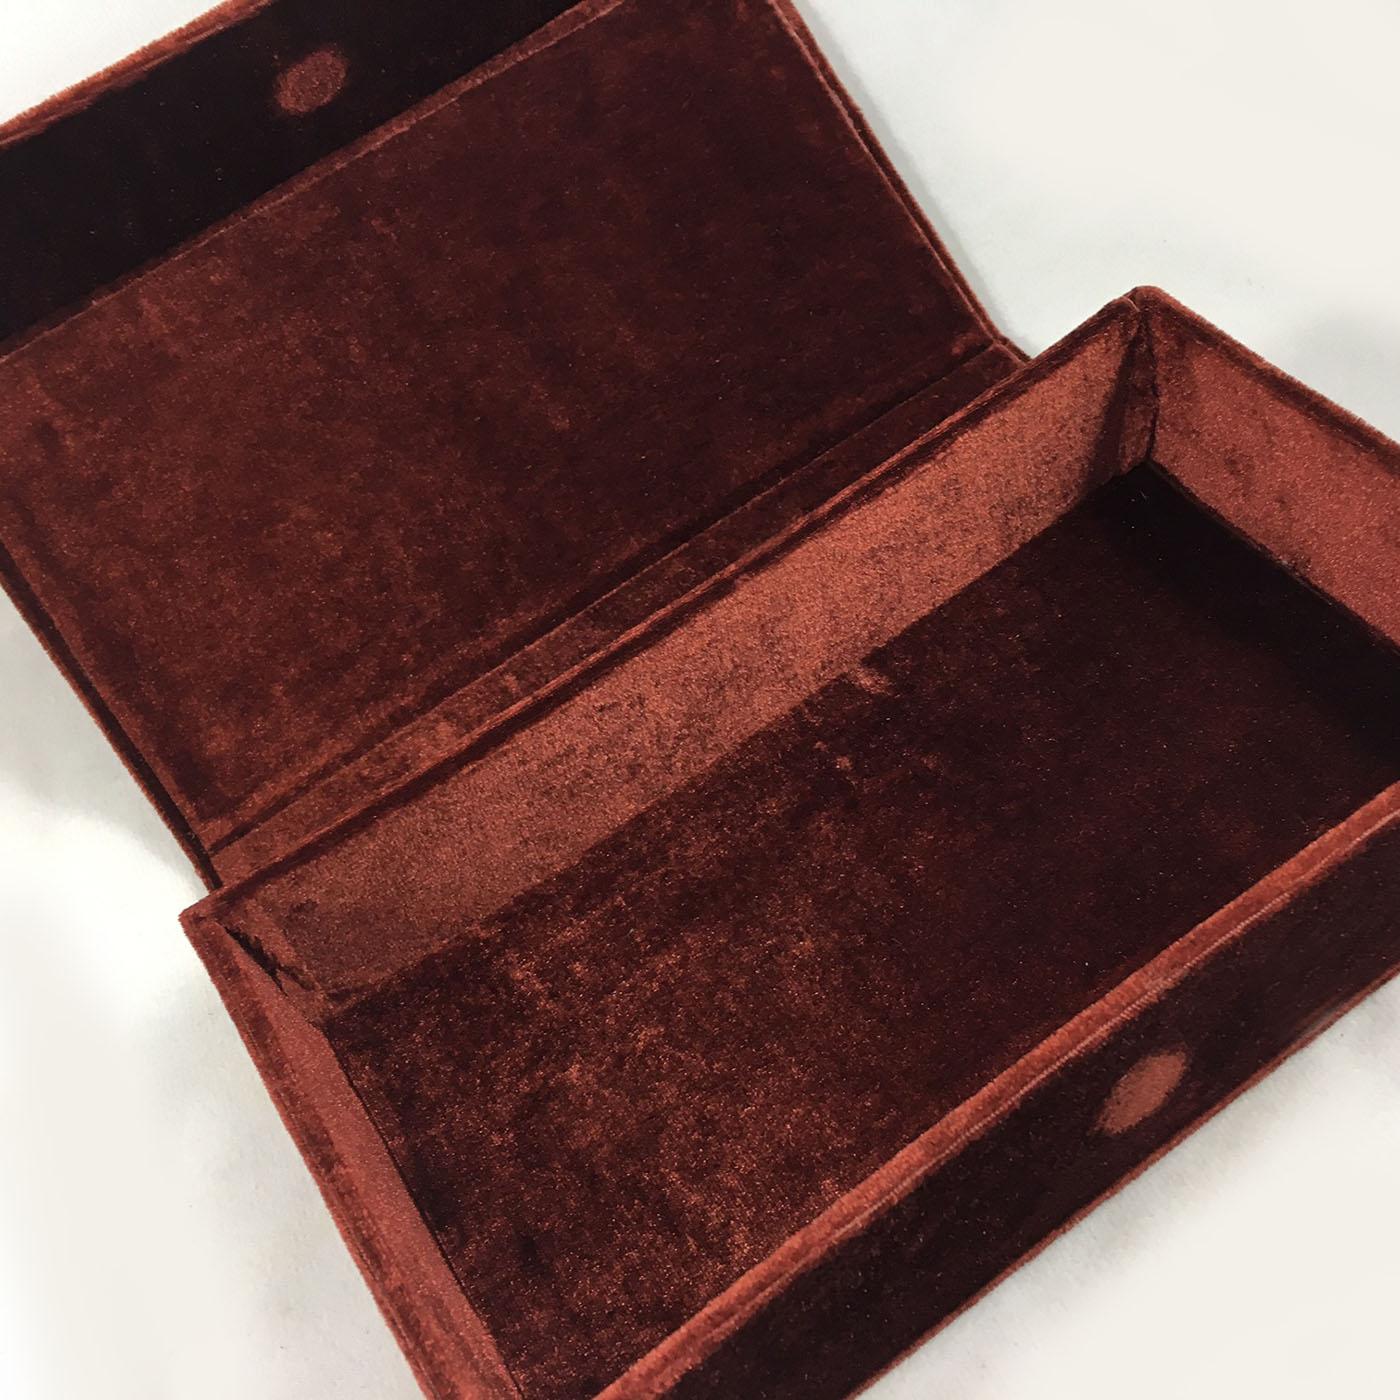 Thai Wedding Gifts: Vintage Monogram Embossed Velvet Box For Wedding Cards